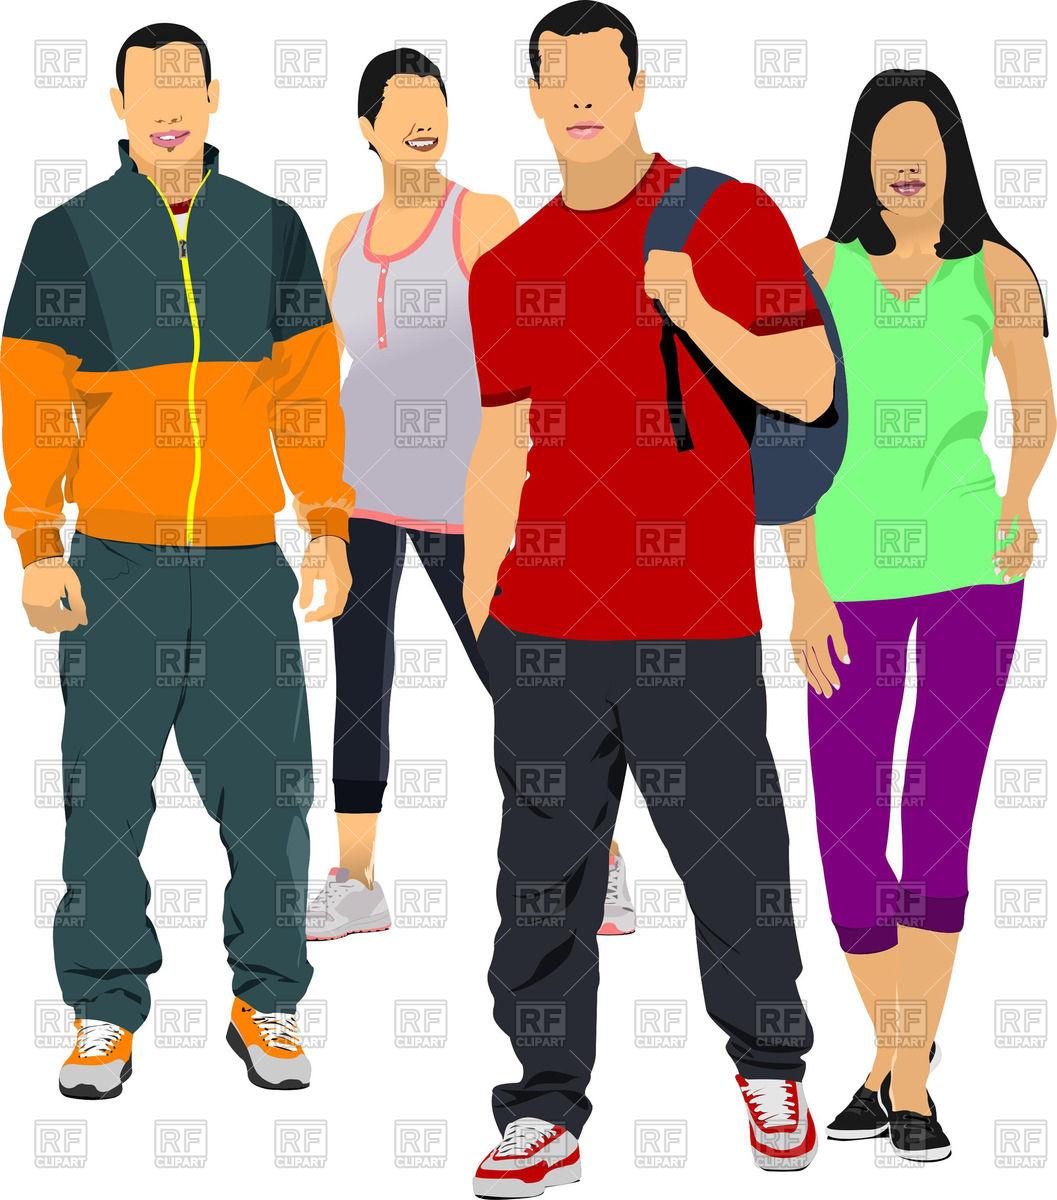 Sportswear clipart #1